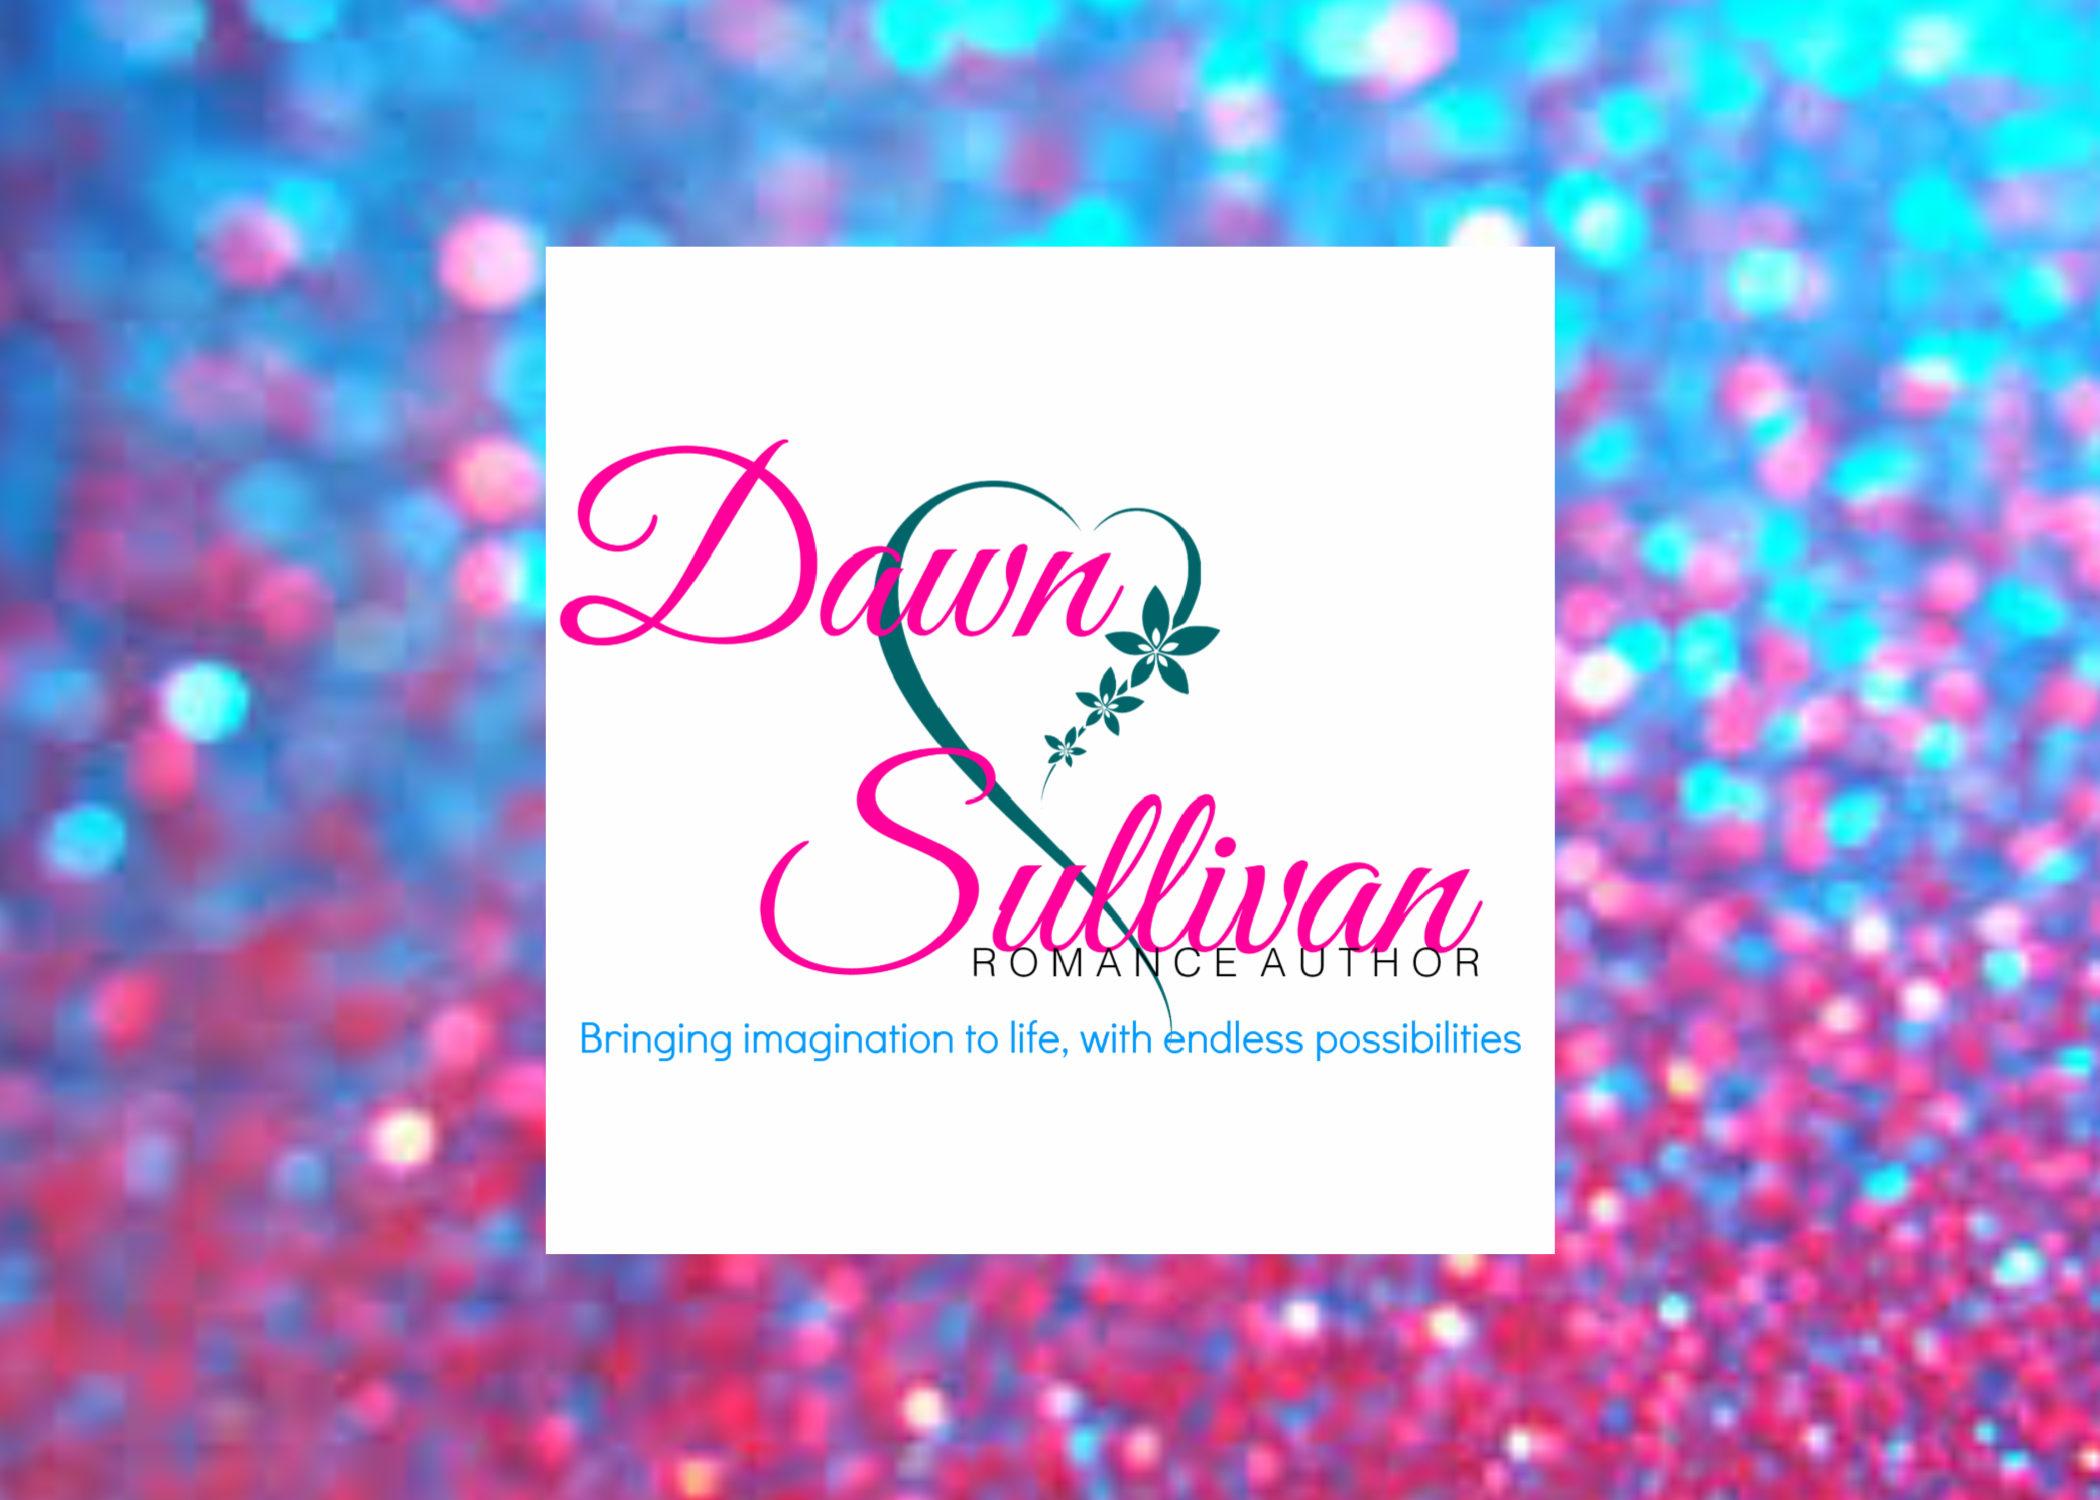 Dawn Sullivan Author